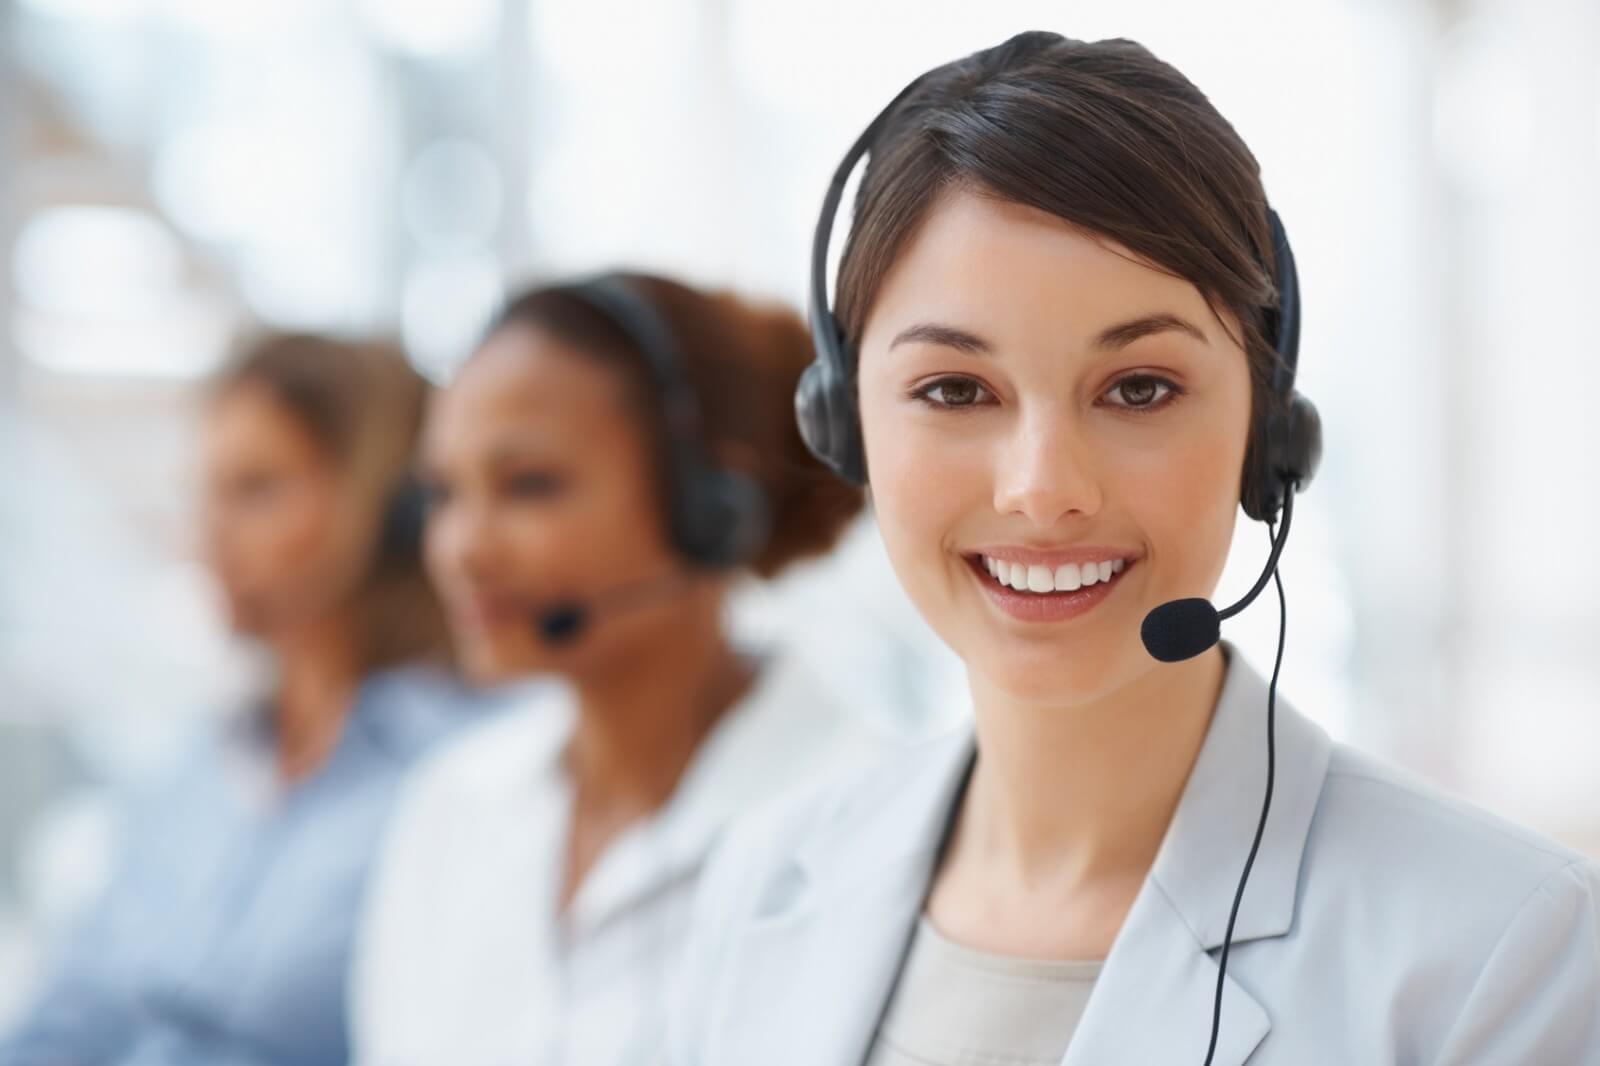 Chăm sóc khách hàng - những công việc không cần bằng cấp